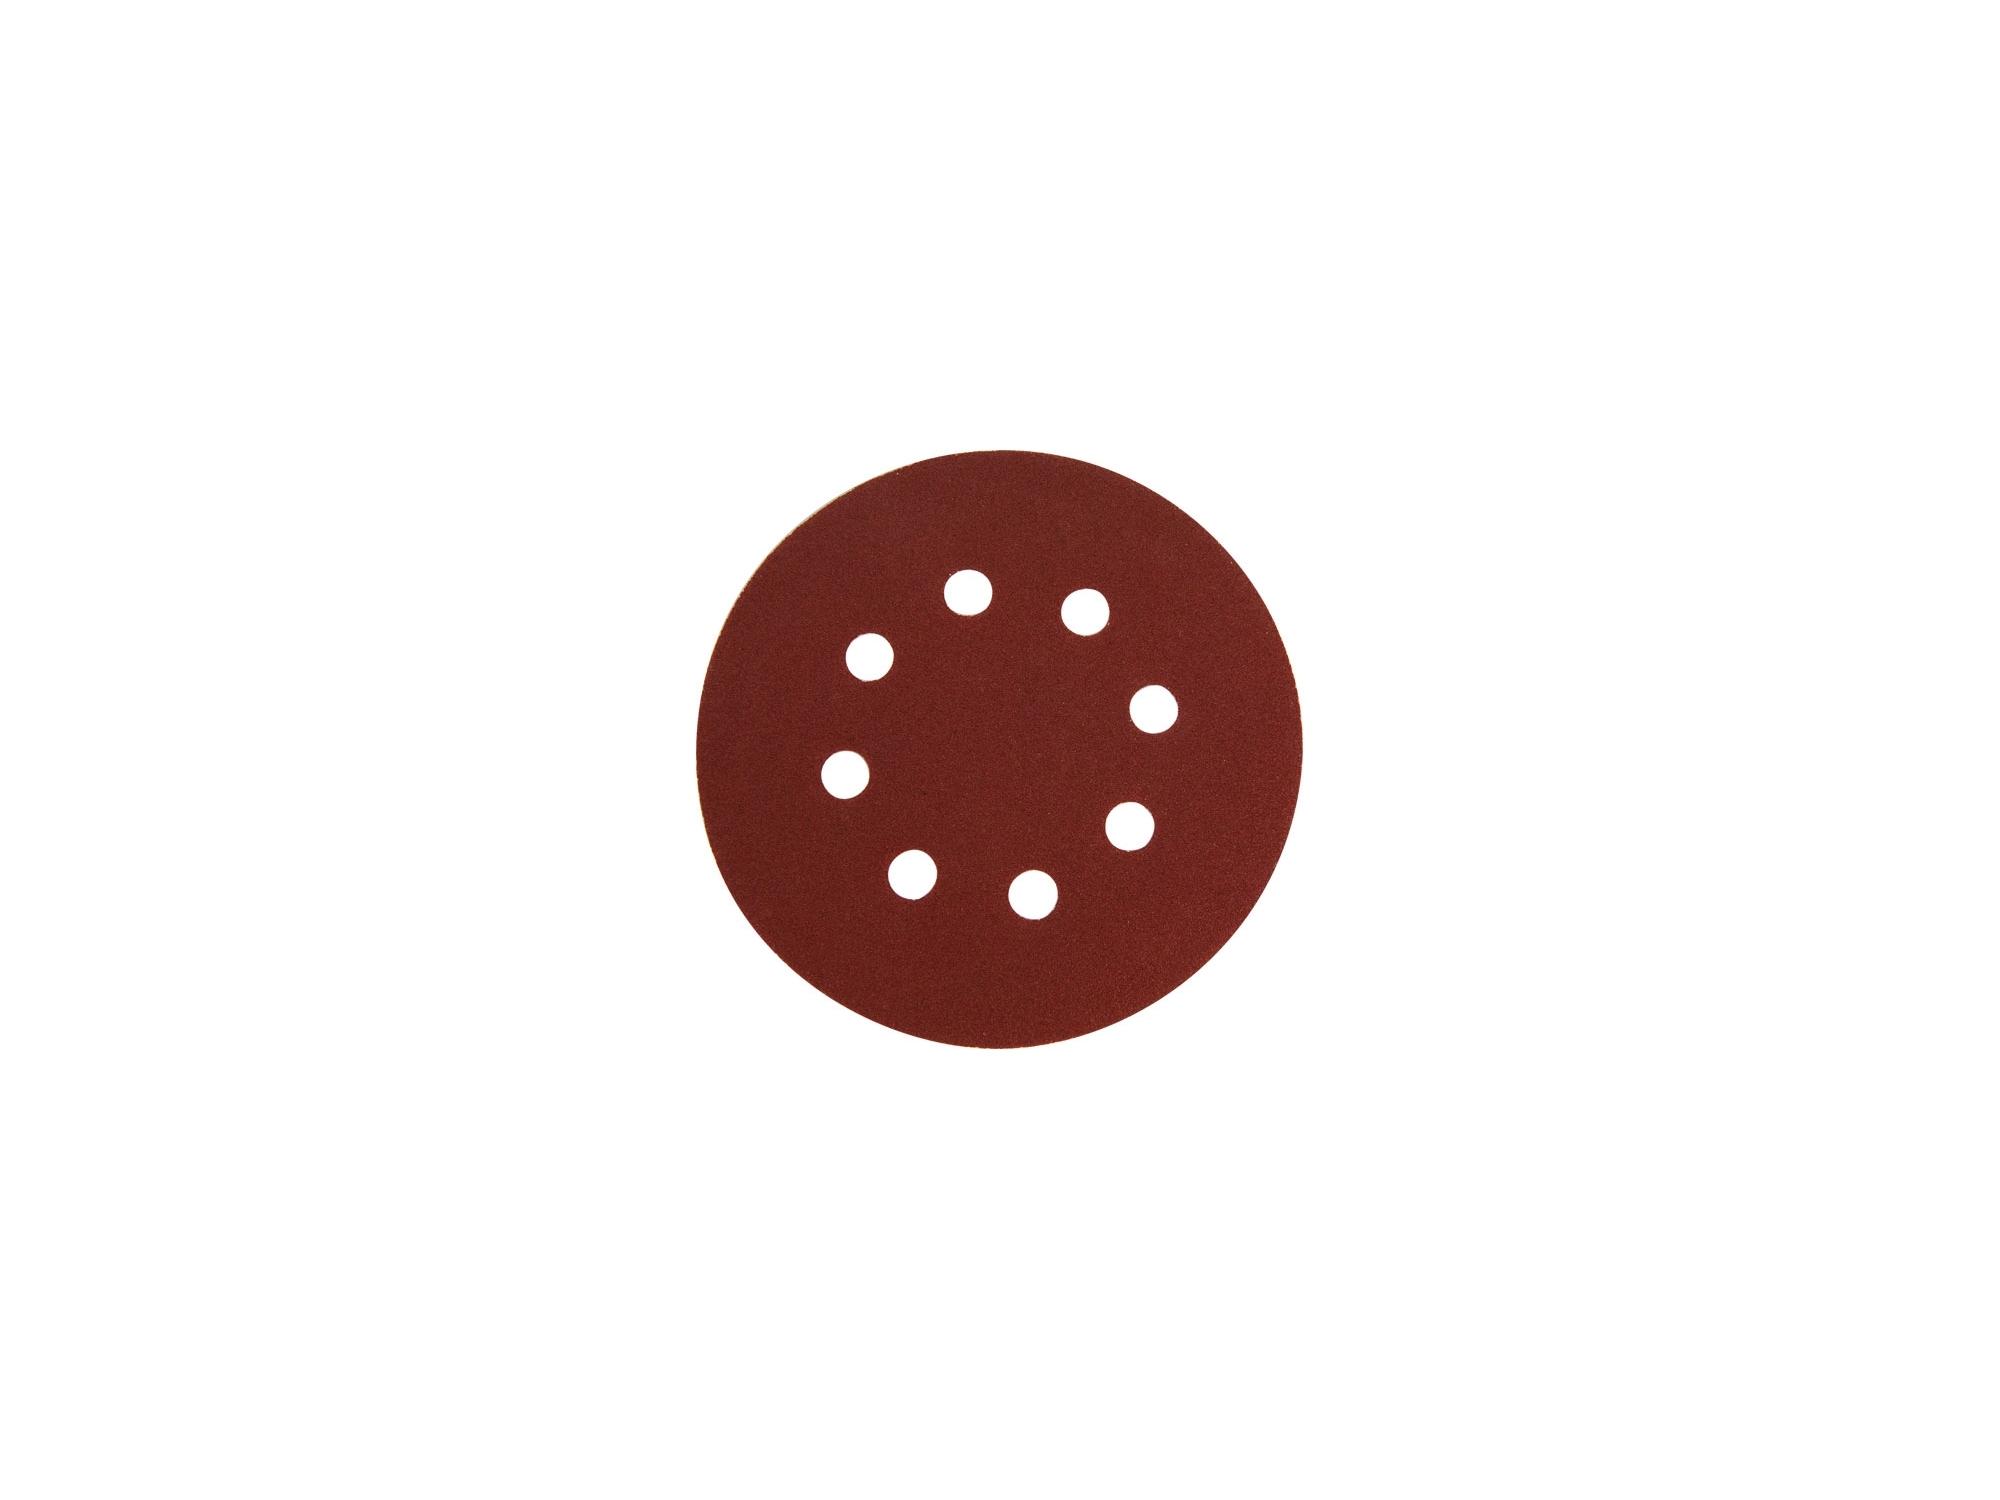 papíry brusné výsek, suchý zip, bal. 10ks, 125mm, P150